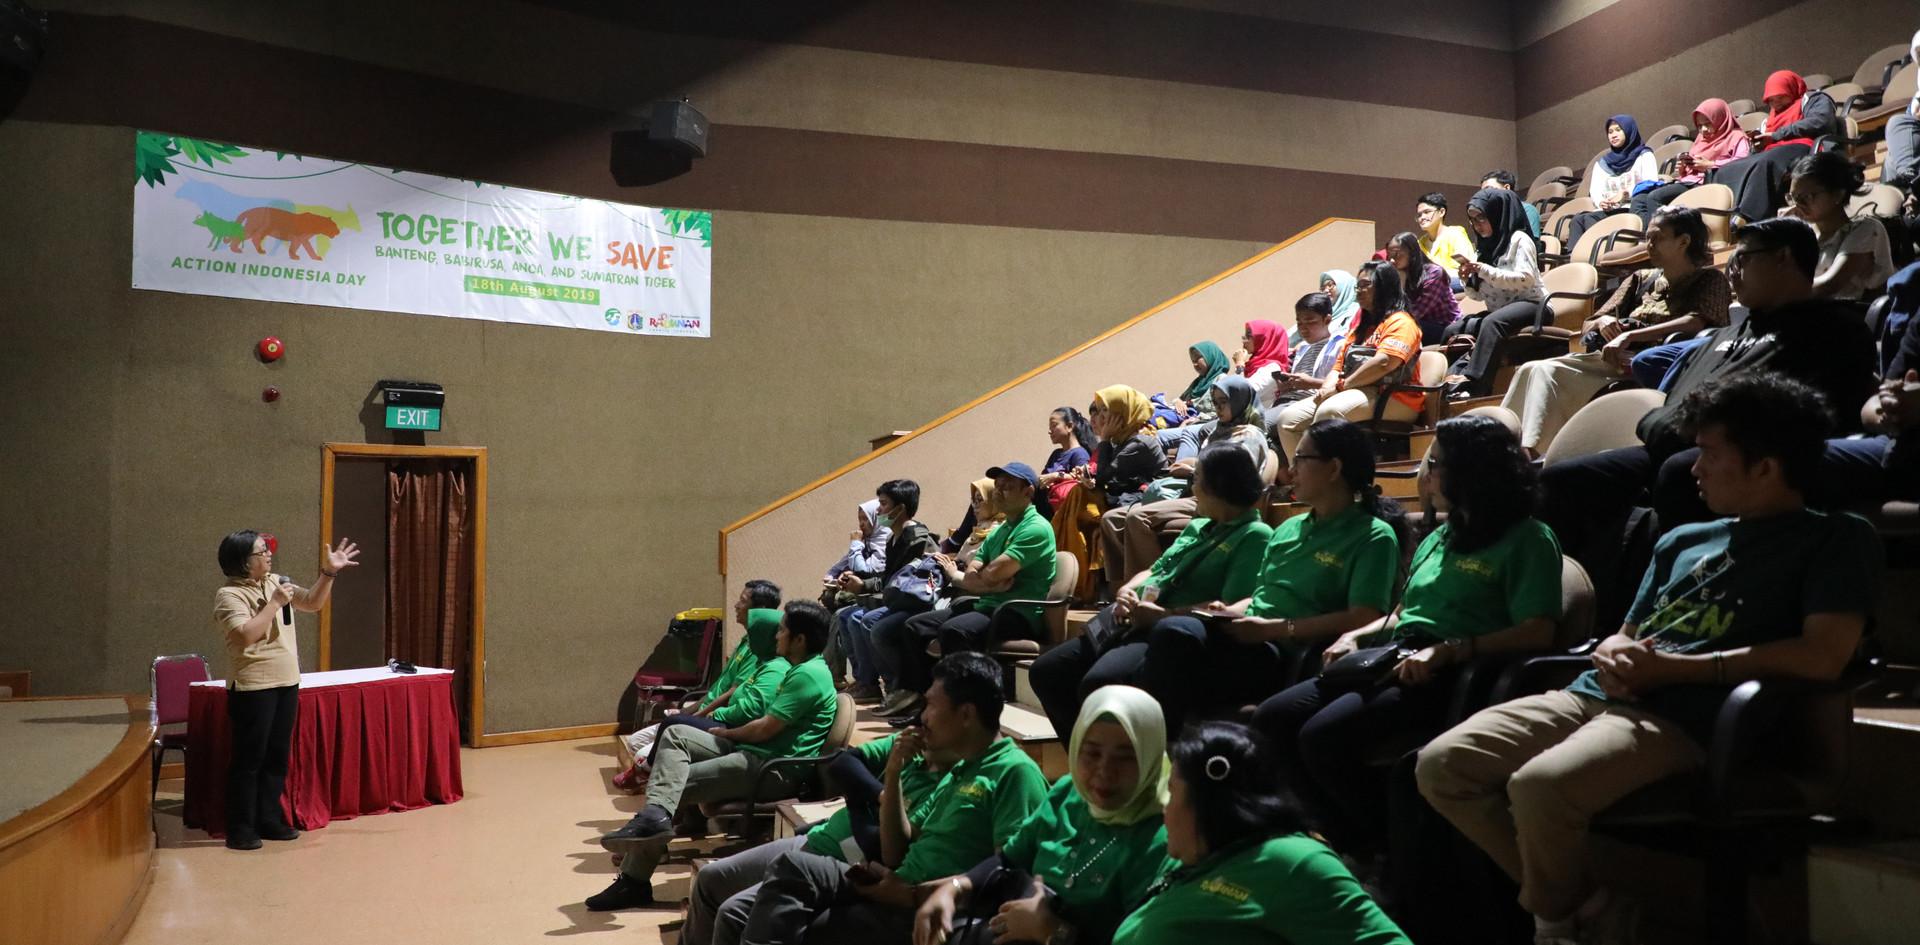 Training in Indonesia